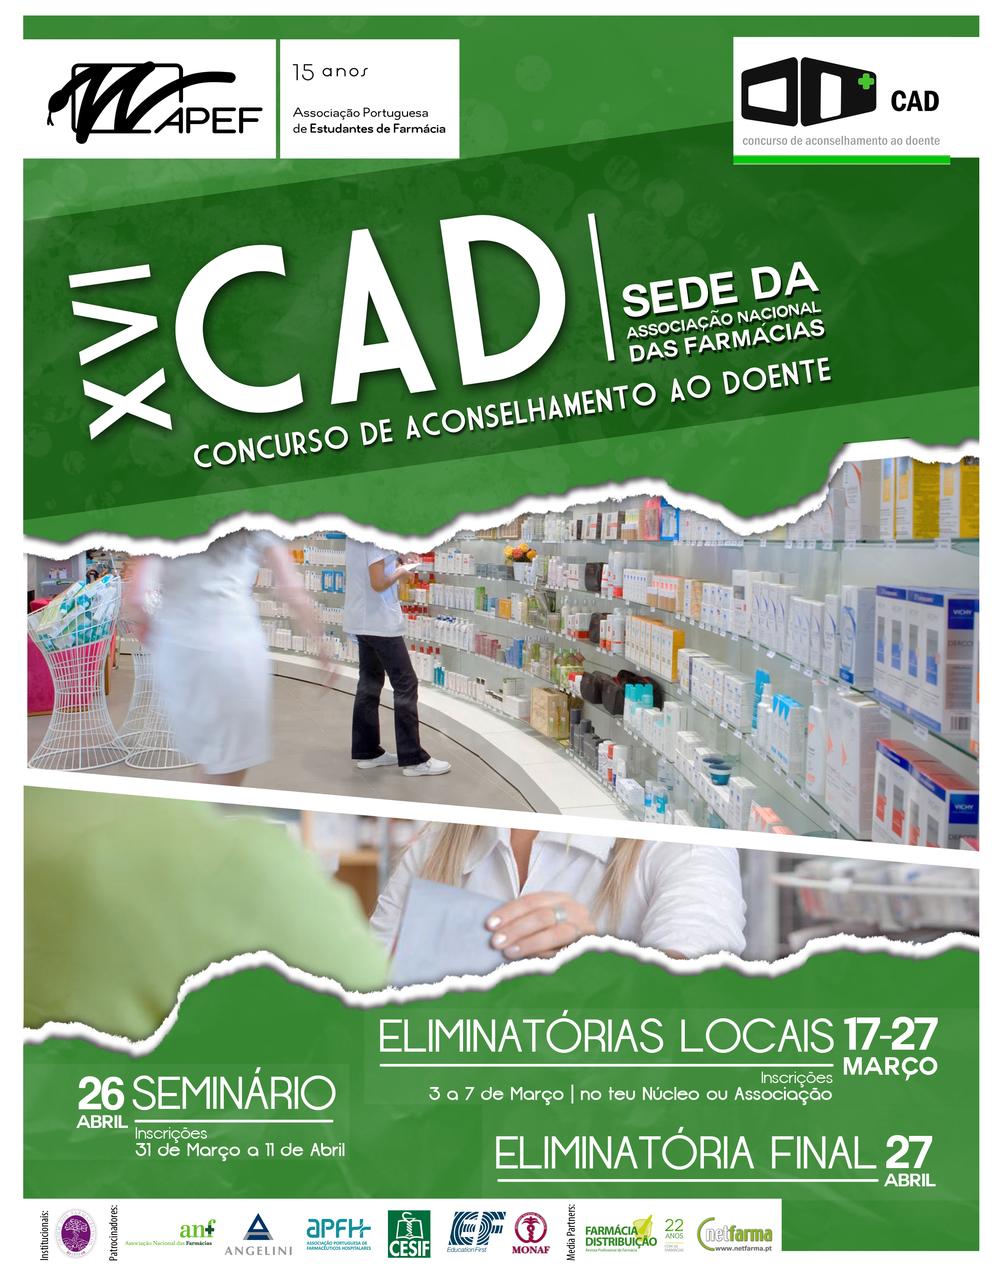 FarmáciaDistribuiçãoCAD.jpg